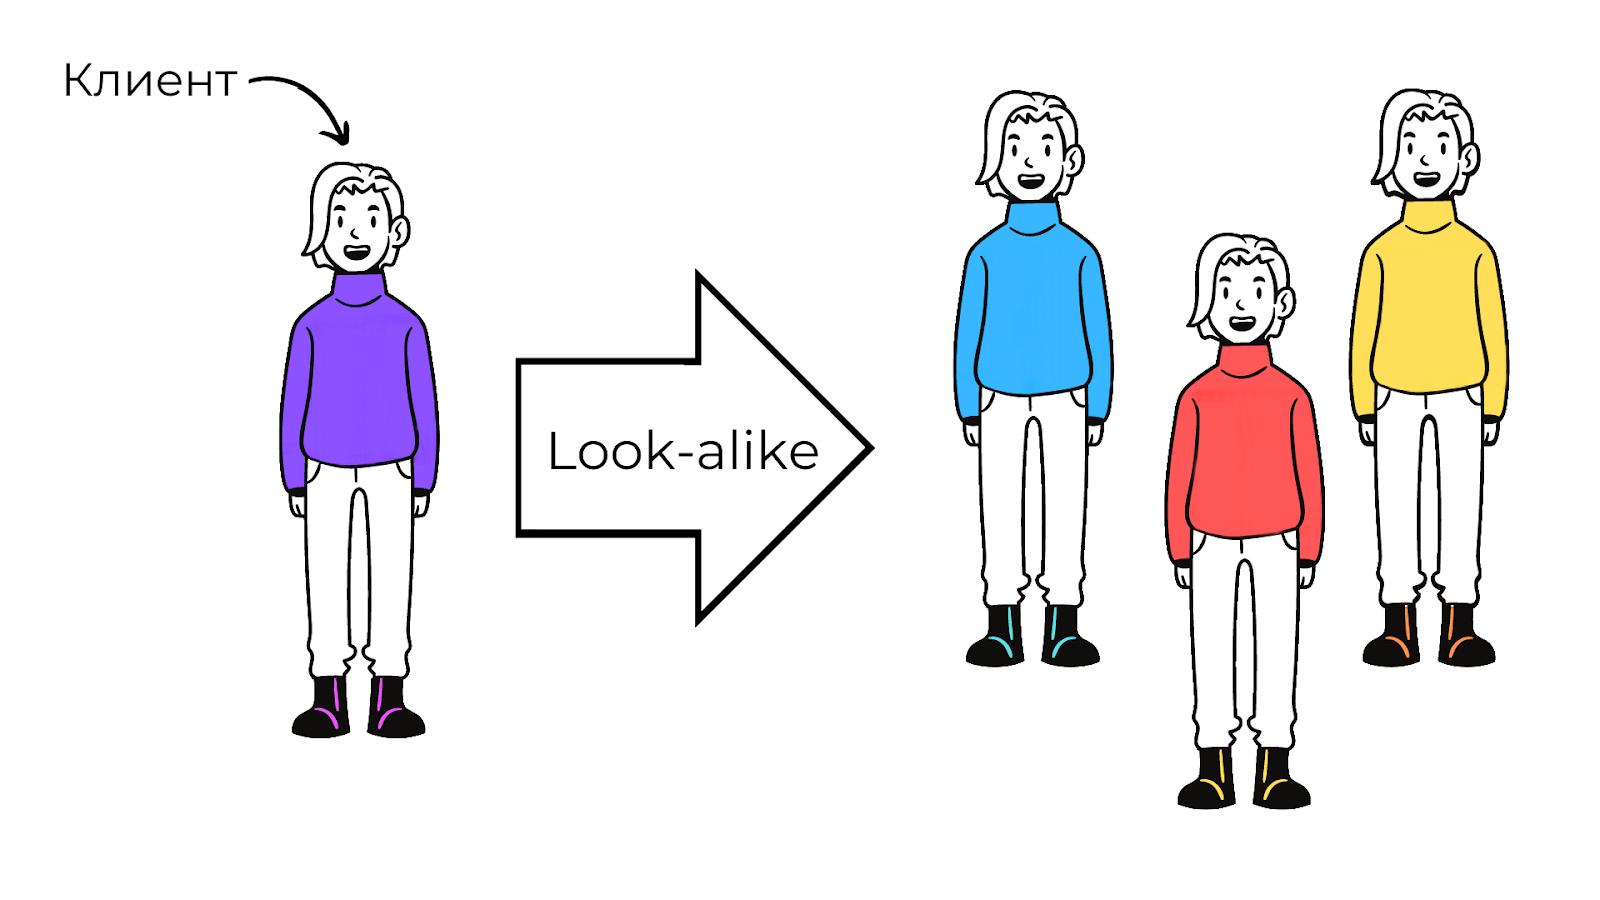 Look-alike это технология, которая позволяет находить людей, похожих на ваших клиентов по поведению